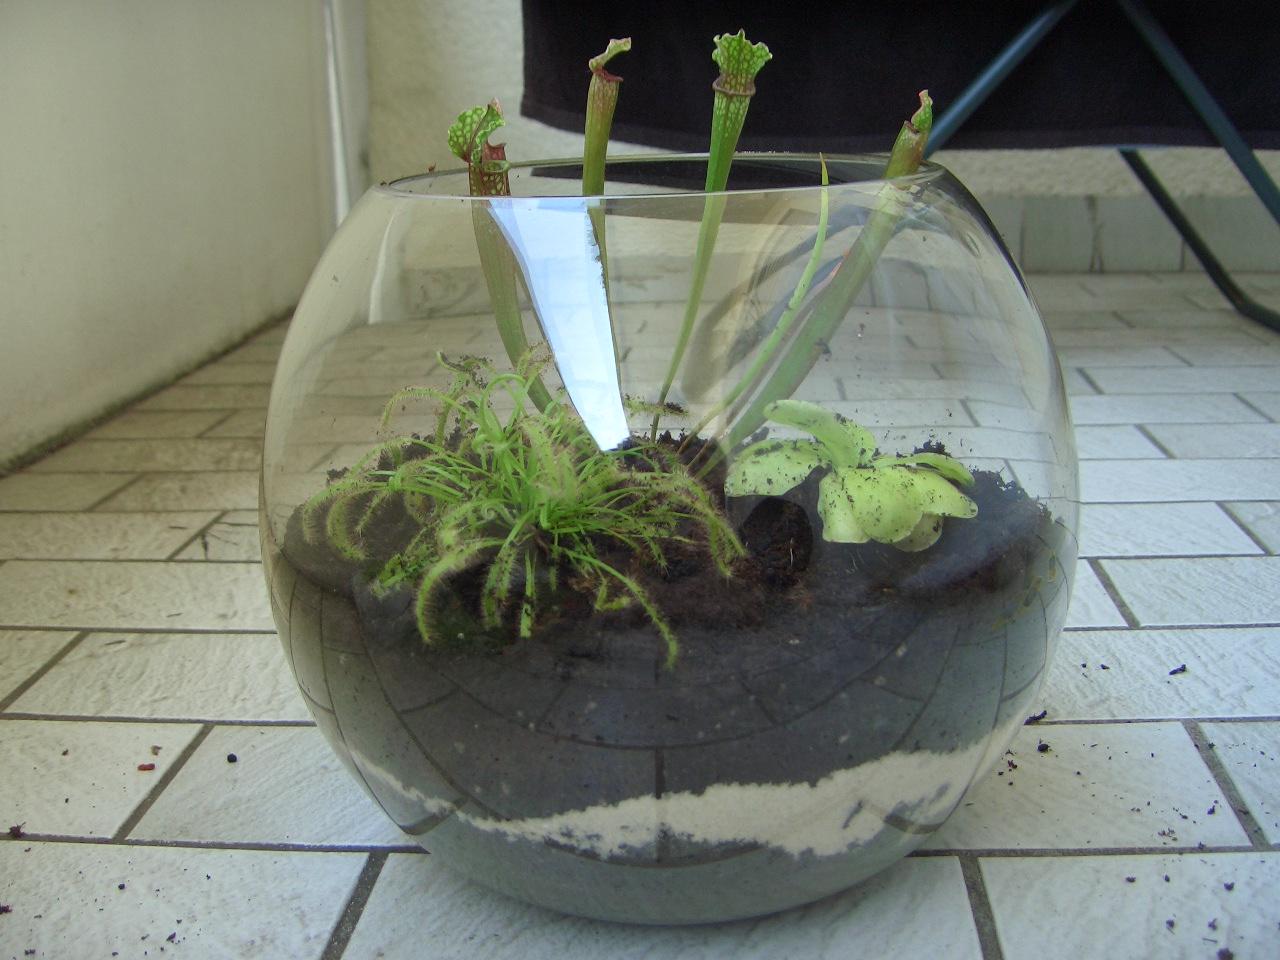 blumen im glas pflanzen osterdeko hyazinthen im glas dekoration pinterest. Black Bedroom Furniture Sets. Home Design Ideas